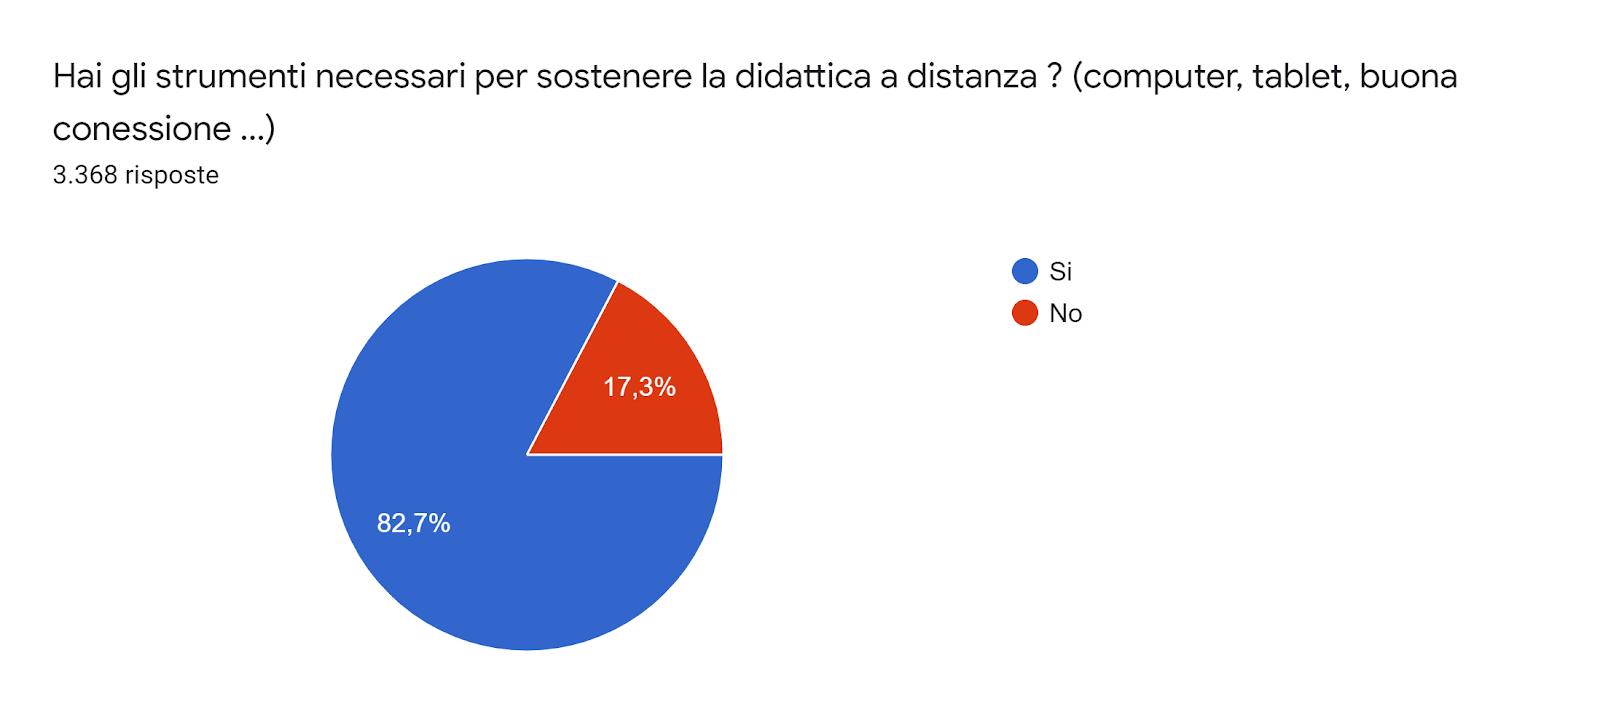 Grafico delle risposte di Moduli. Titolo della domanda: Hai gli strumenti necessari per sostenere la didattica a distanza ? (computer, tablet, buona conessione ...). Numero di risposte: 3.368 risposte.